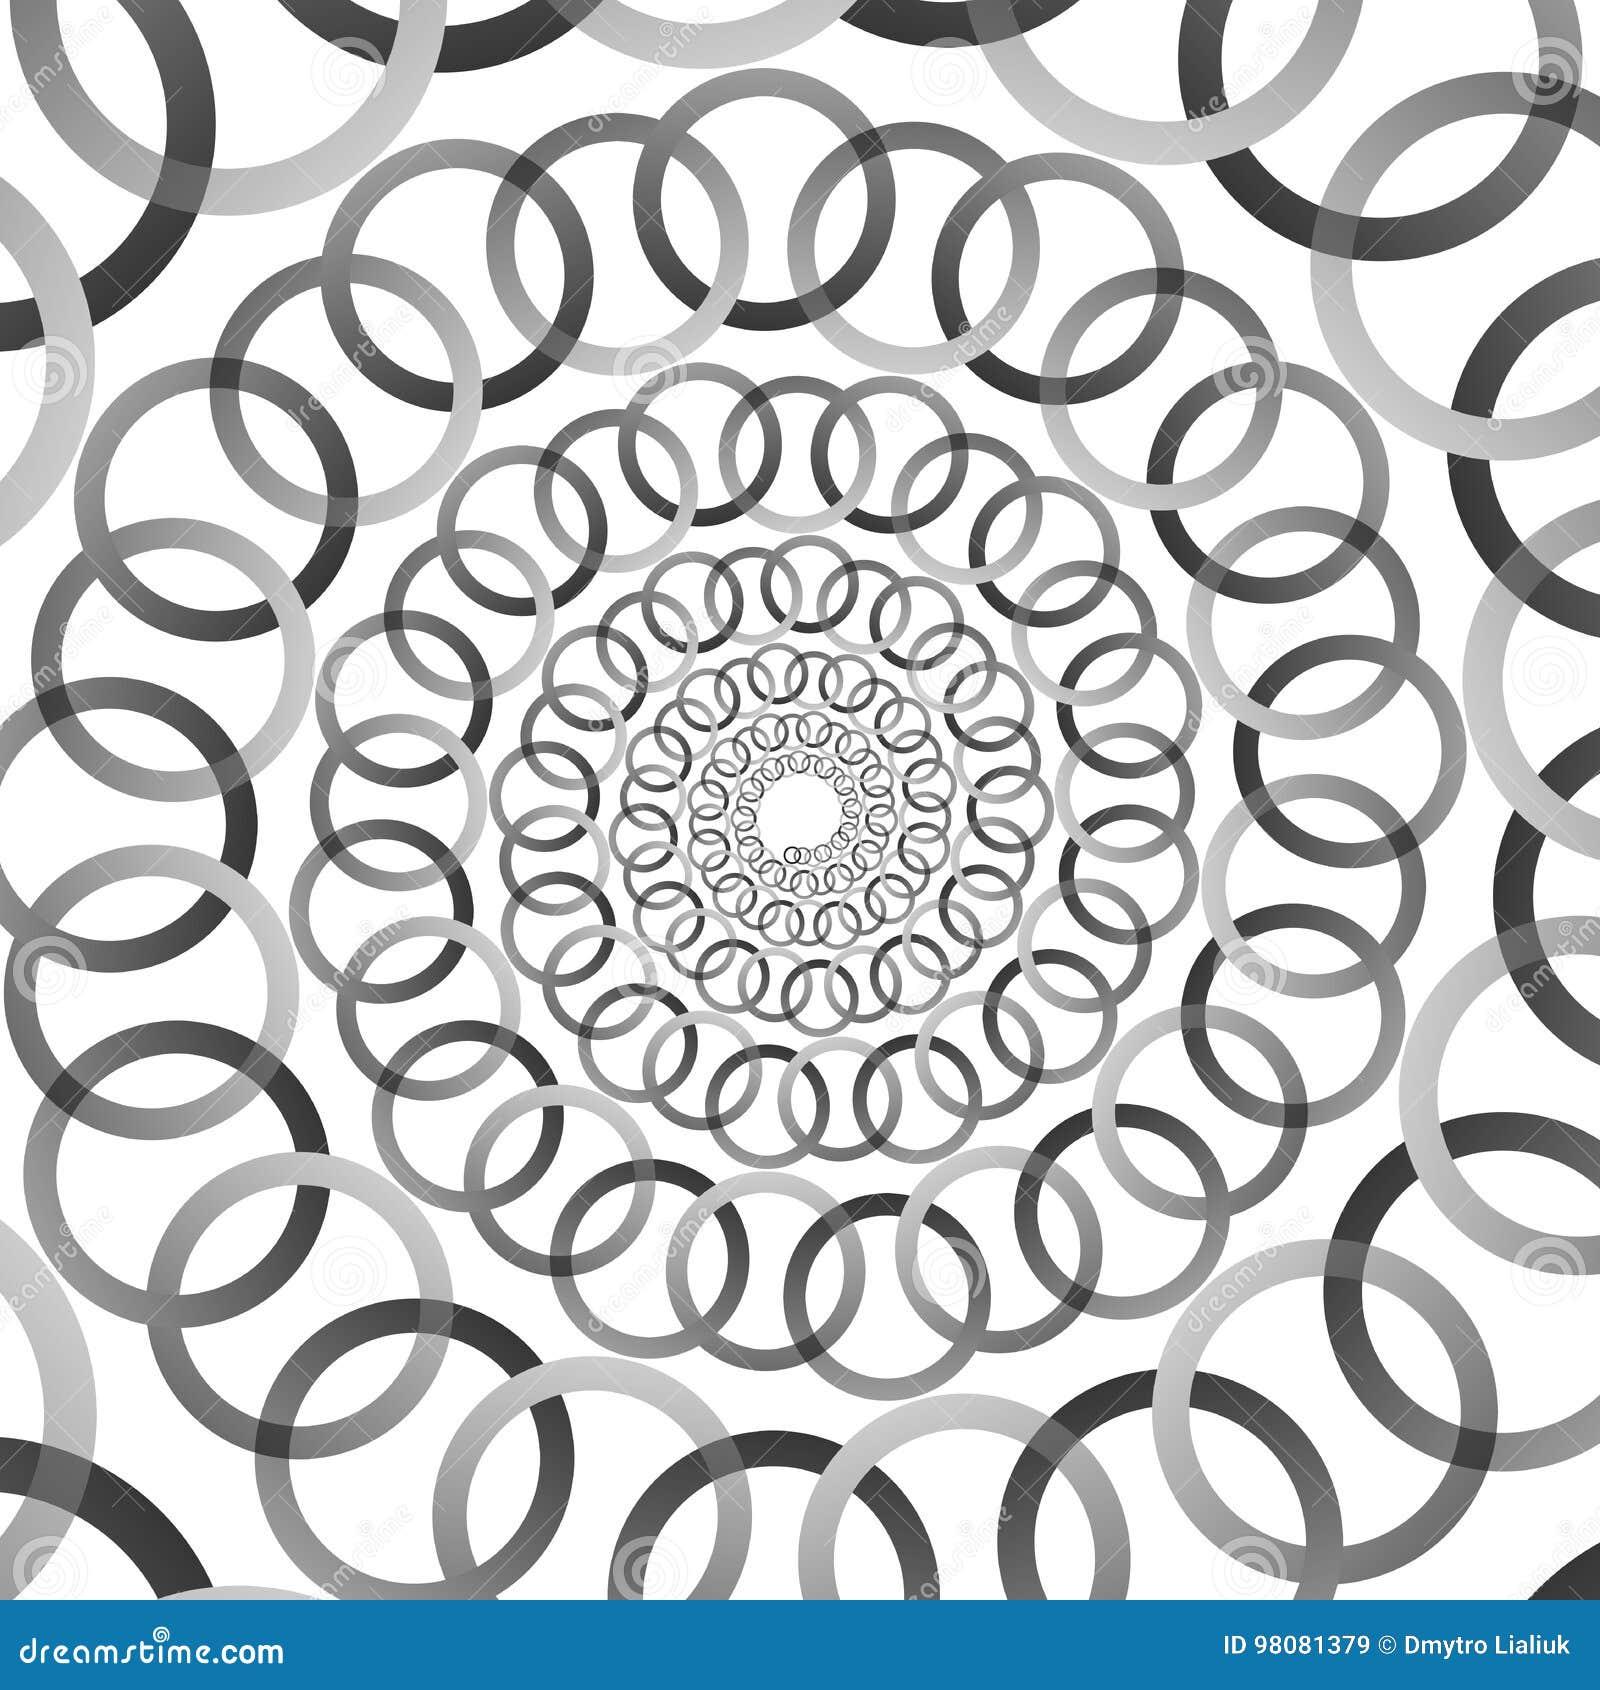 Hintergrund Muster Gewundenes Schwarzweiss Muster Runde Zentrierte